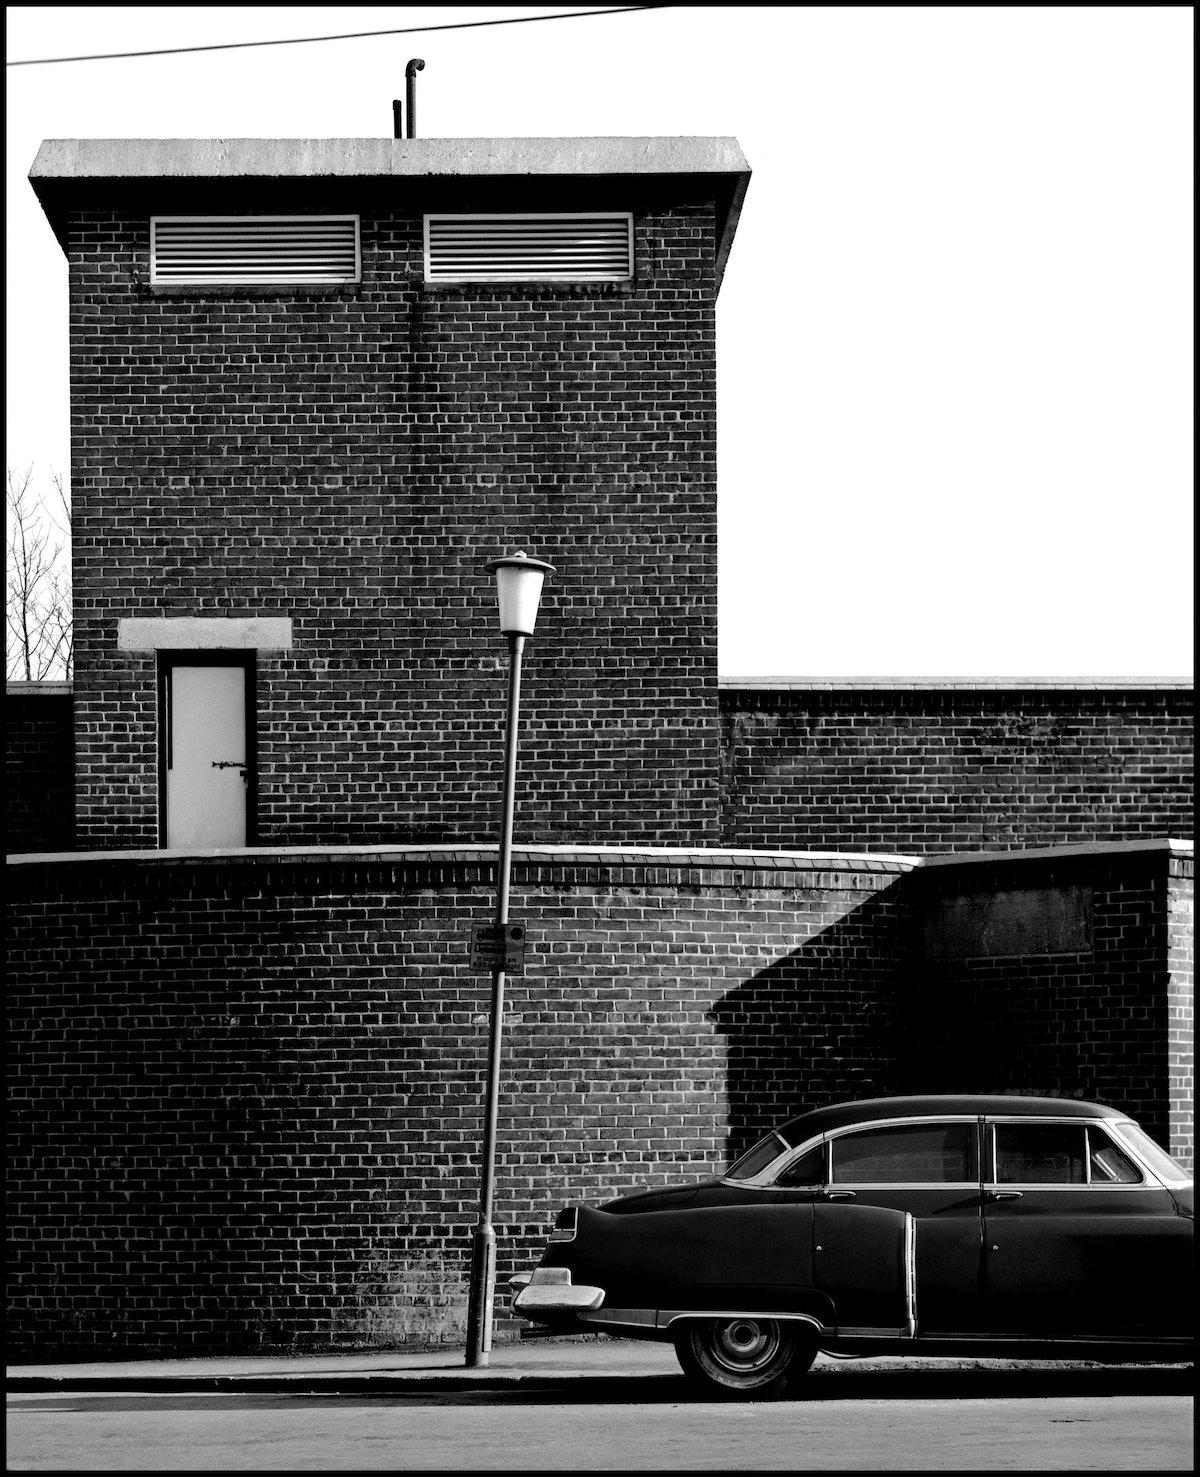 NW1 177 440 Buck Street 1982 low res.jpg